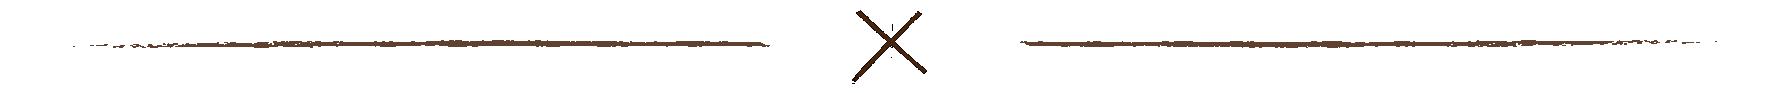 Bush Tannery_Cross Divider_v1.png